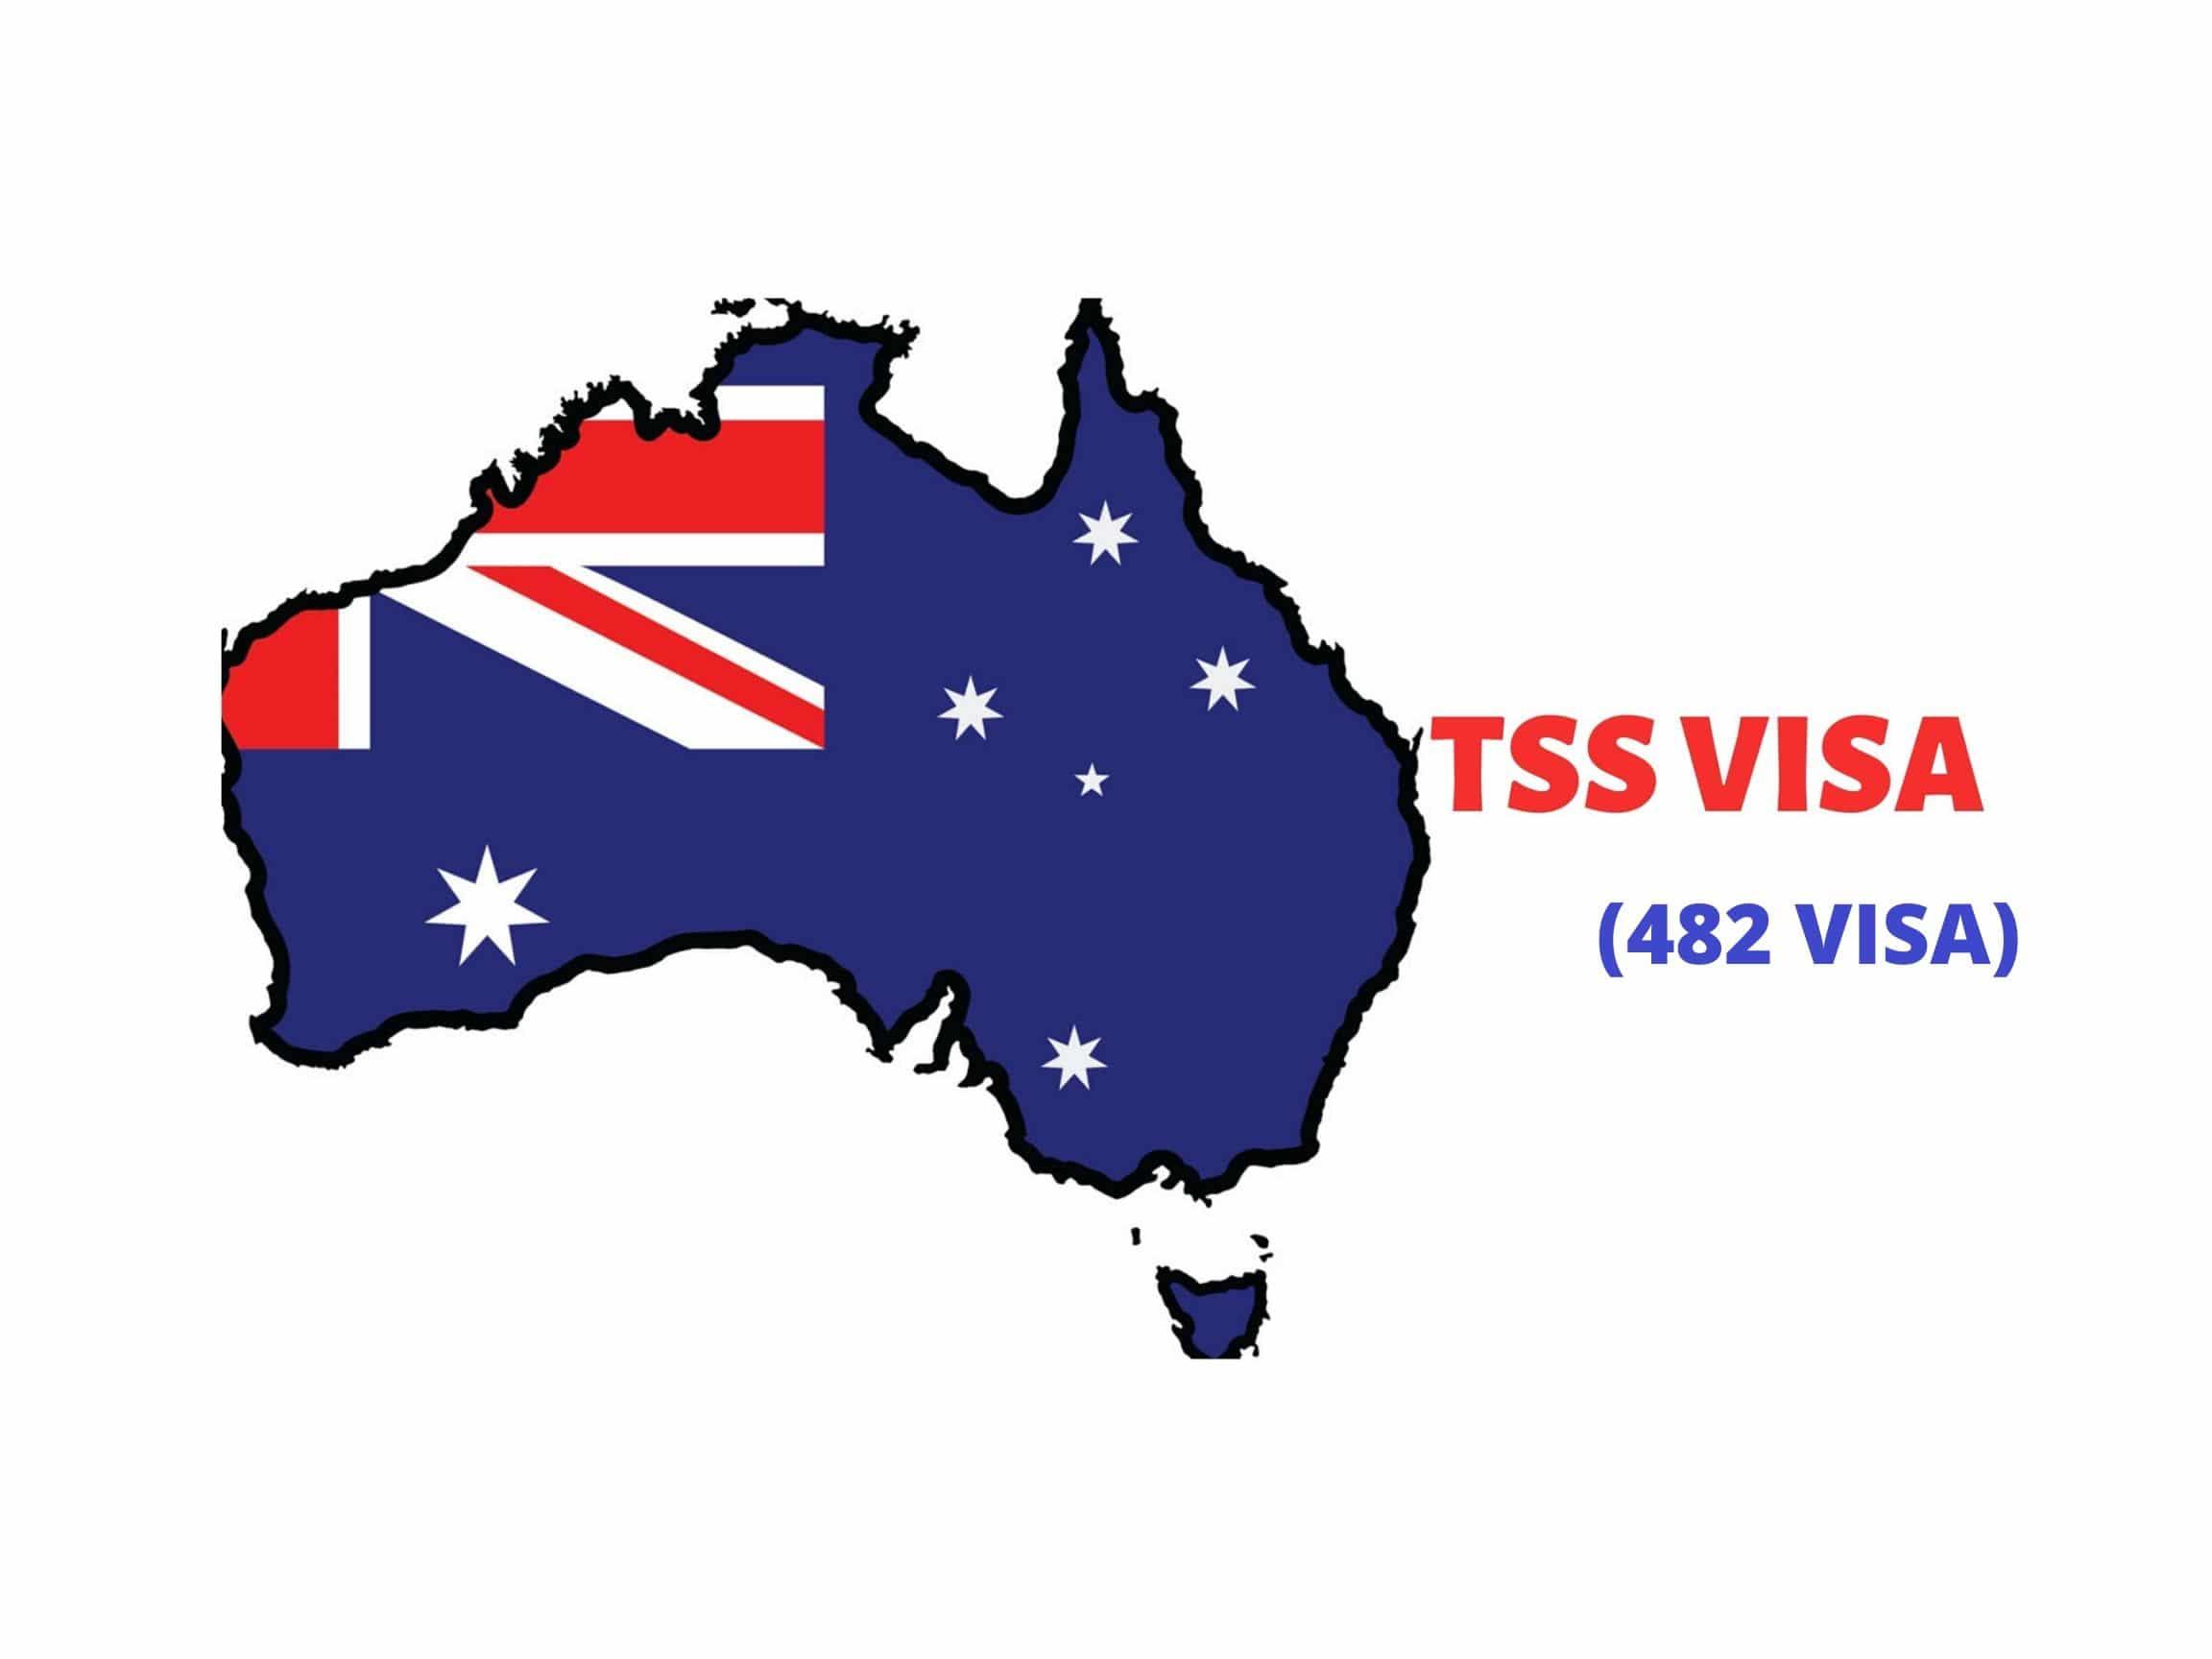 TSS Visa (482 Visa)